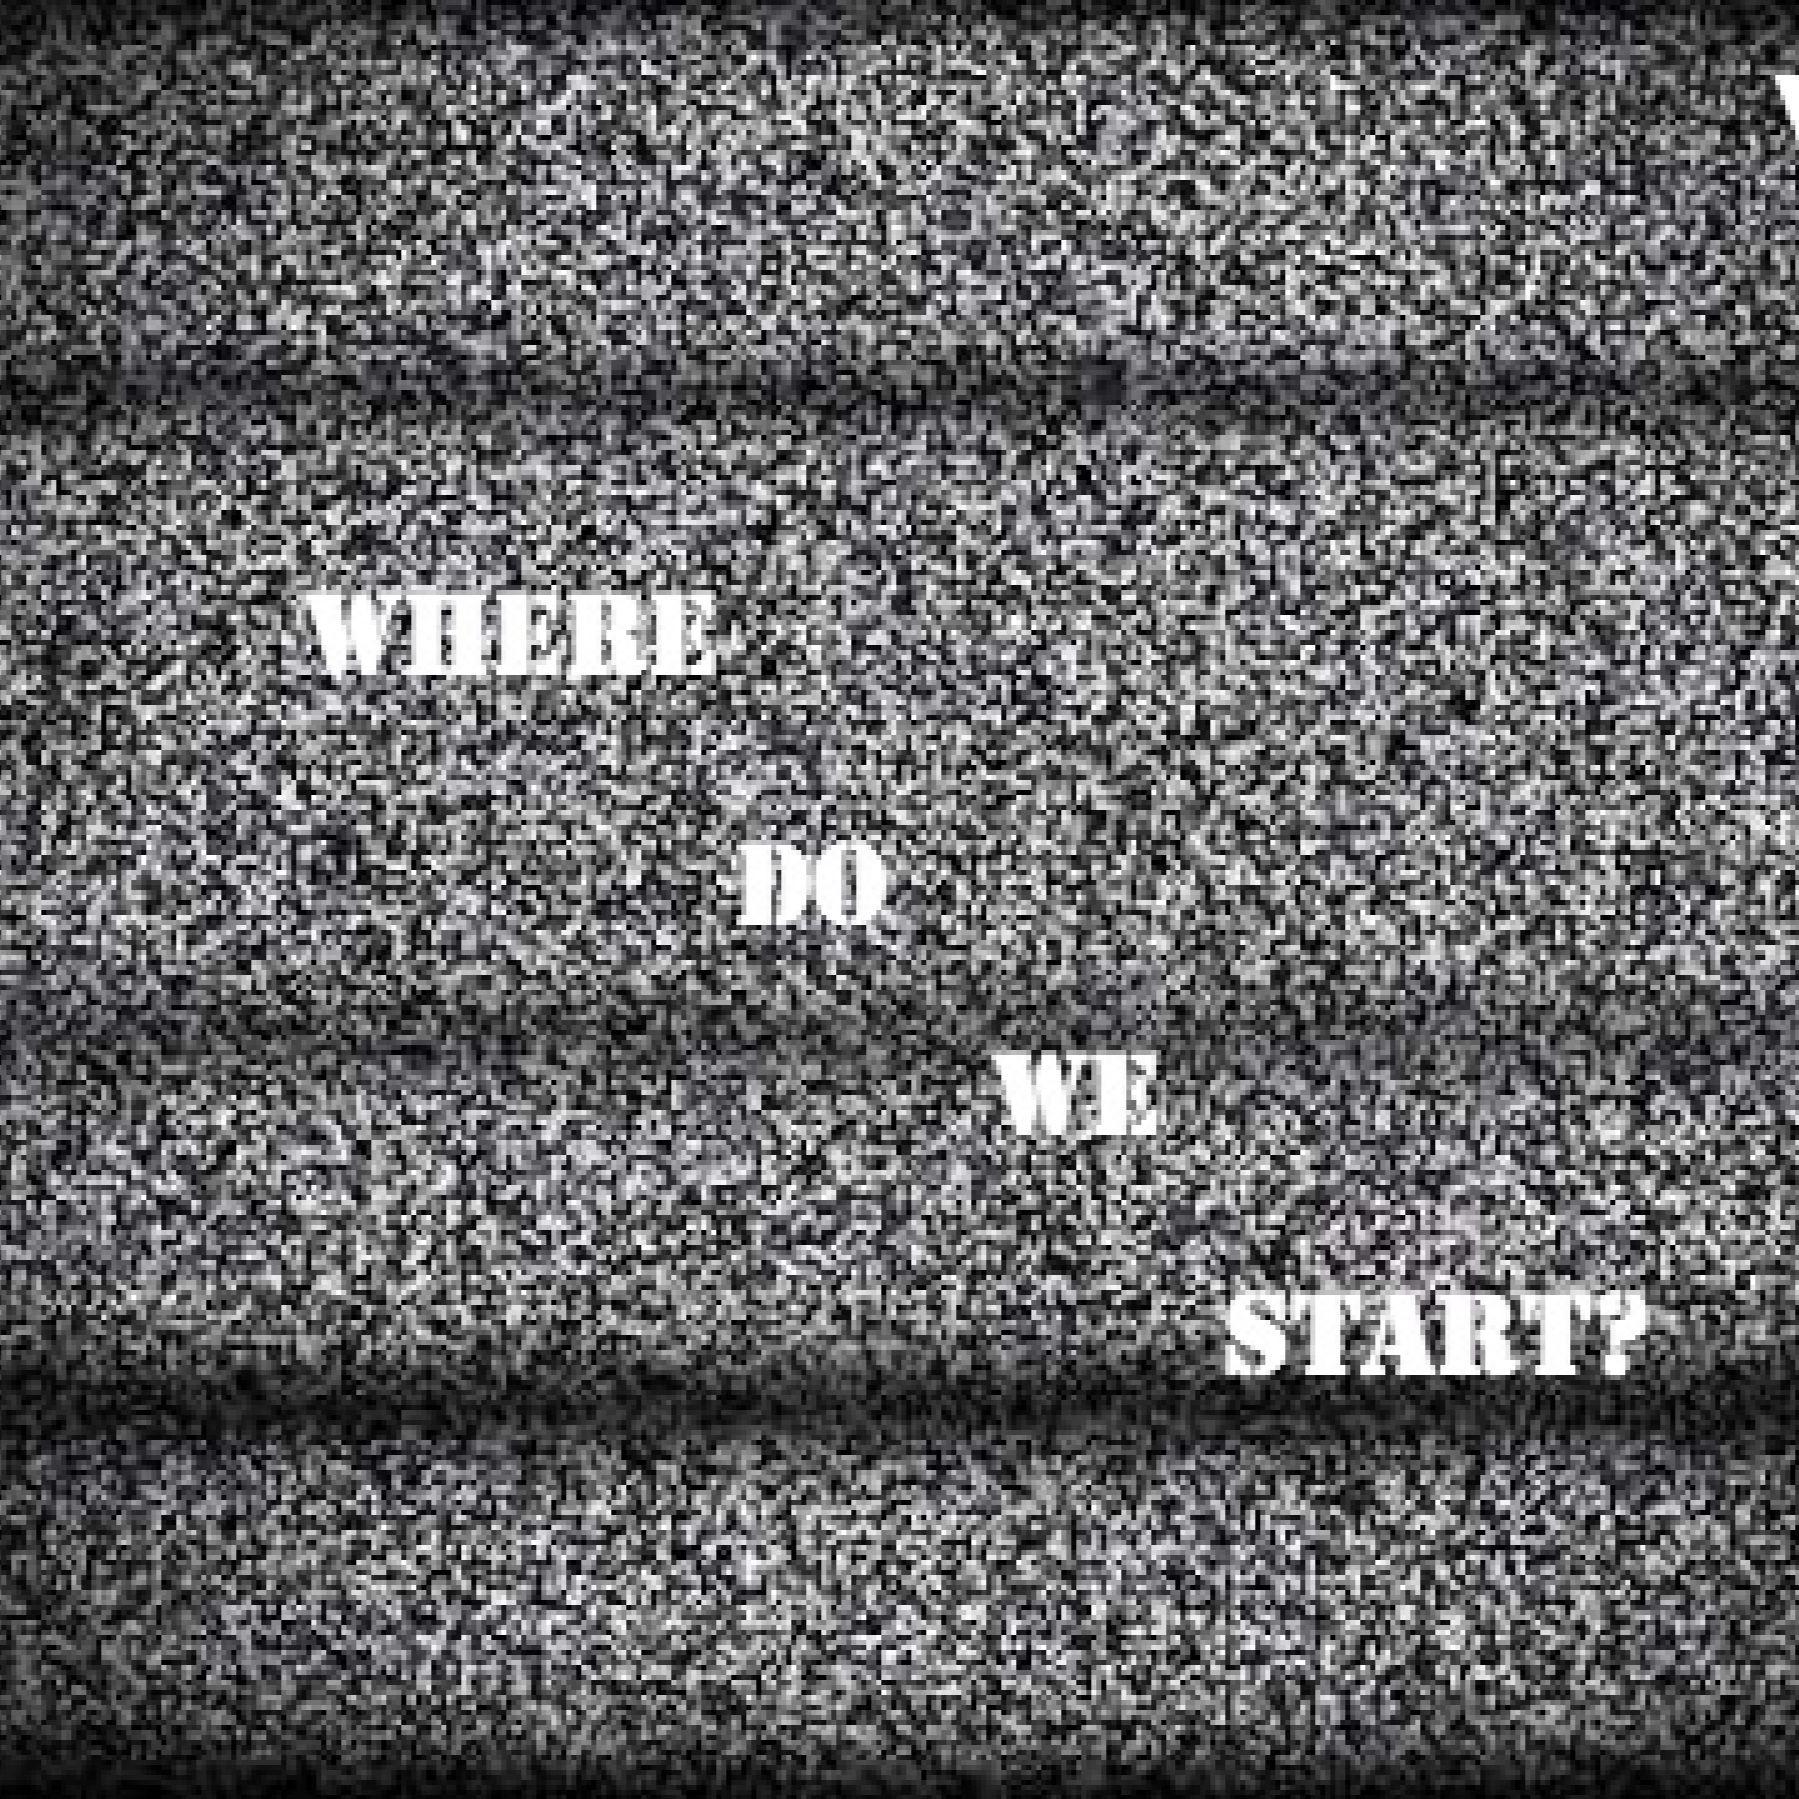 WhereDoWeStart?